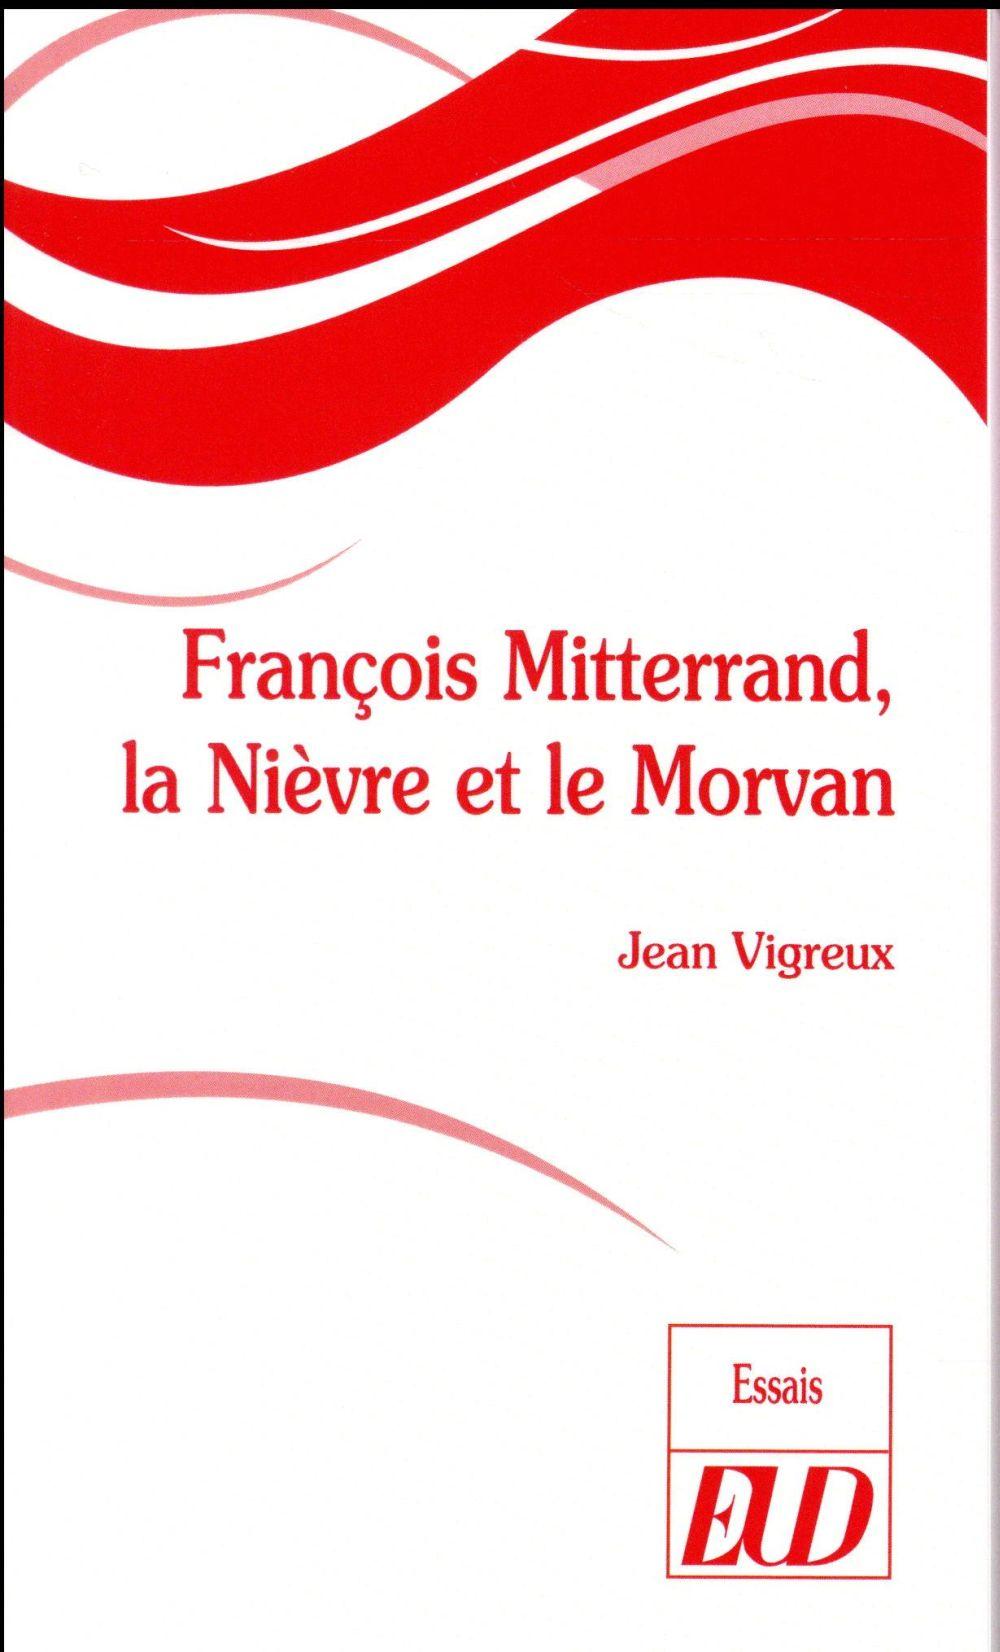 Francois mitterand, la nievre et le morvan